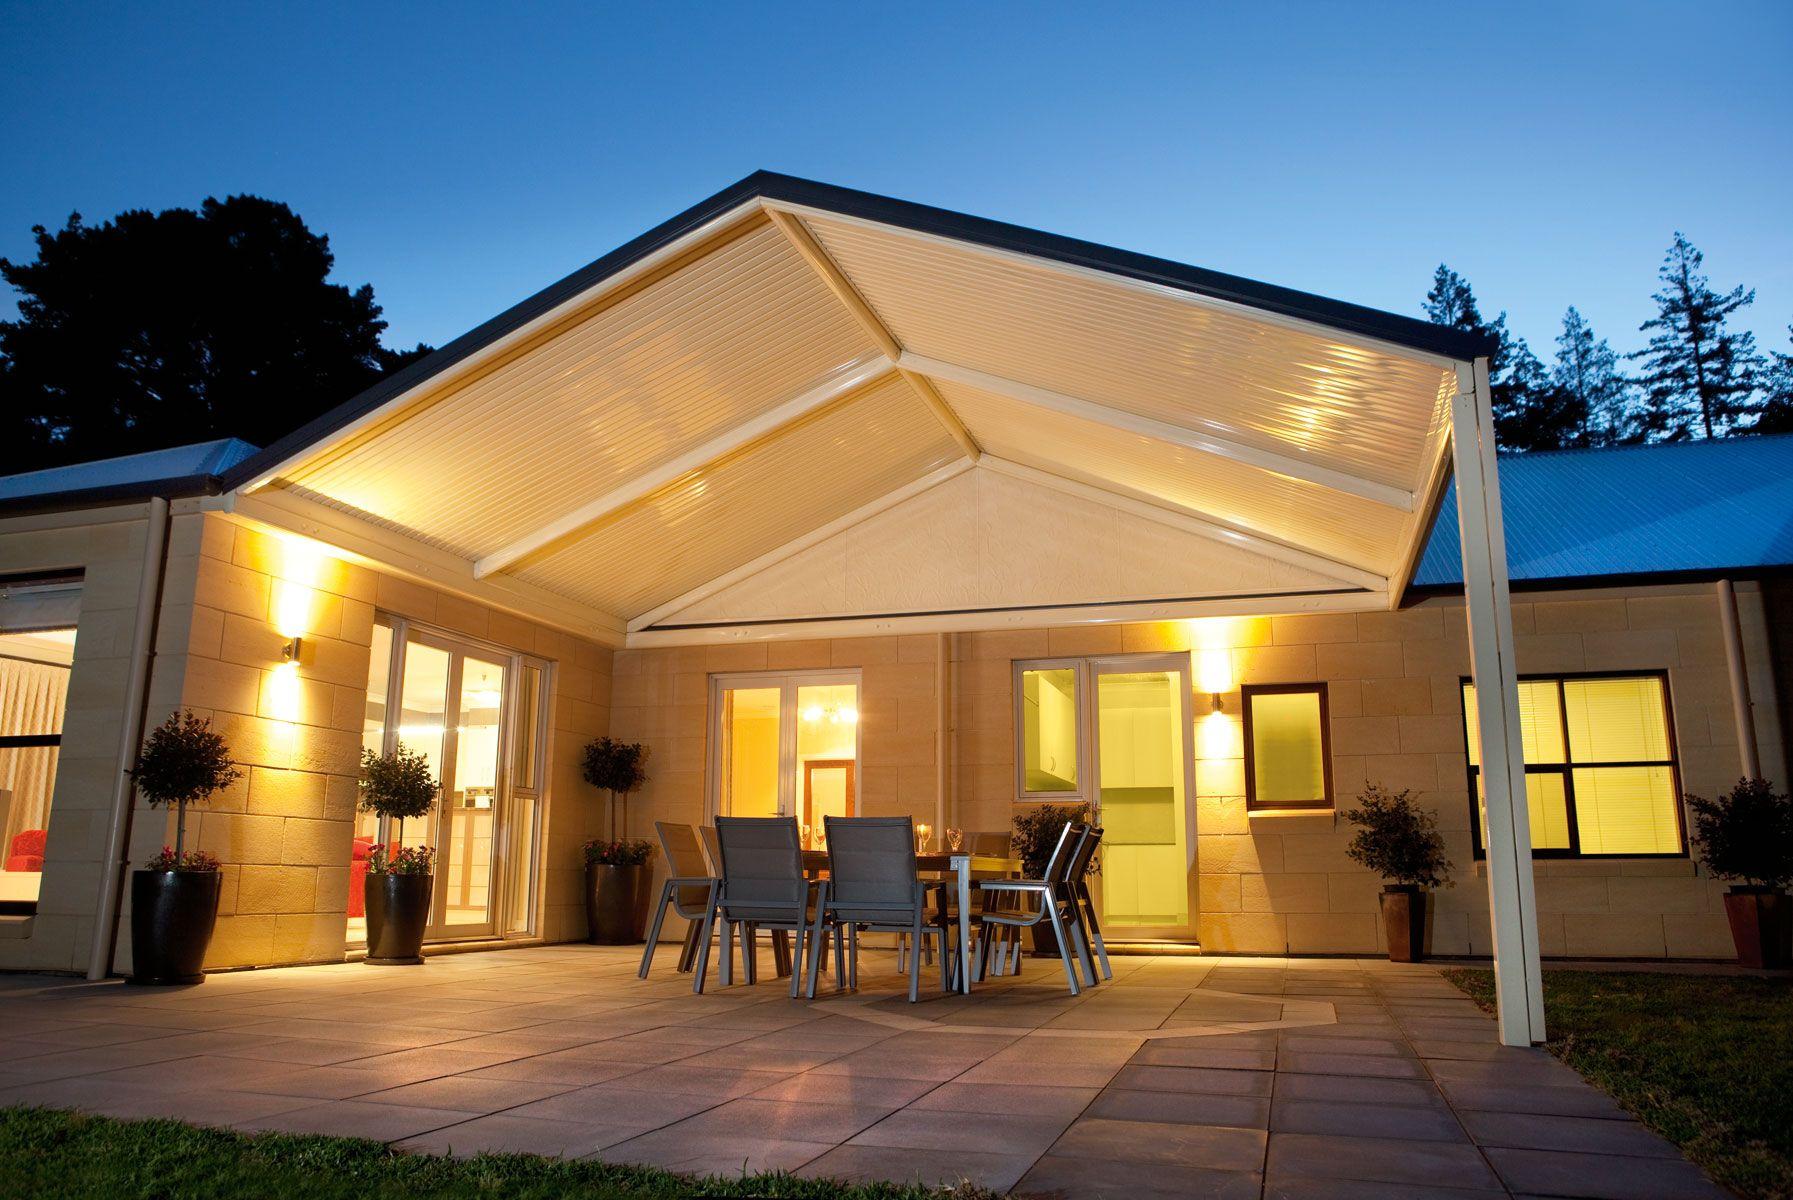 Gable Roof Carport Designs Pergola Carports Patio Roofing Designs